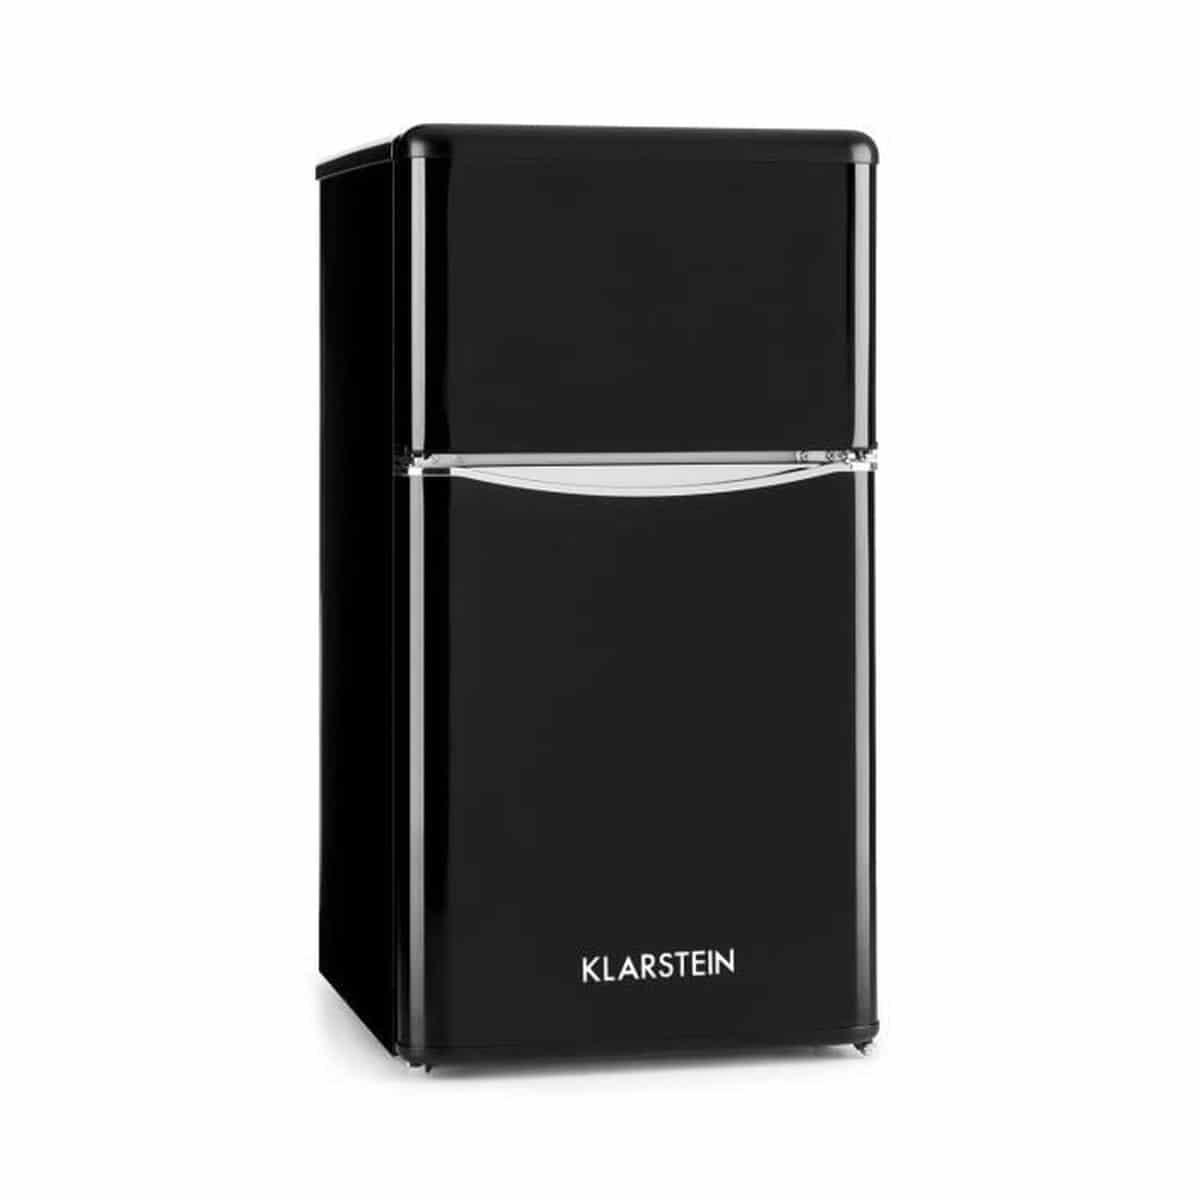 klarstein-monroe-black-combine-refrigerateur-con